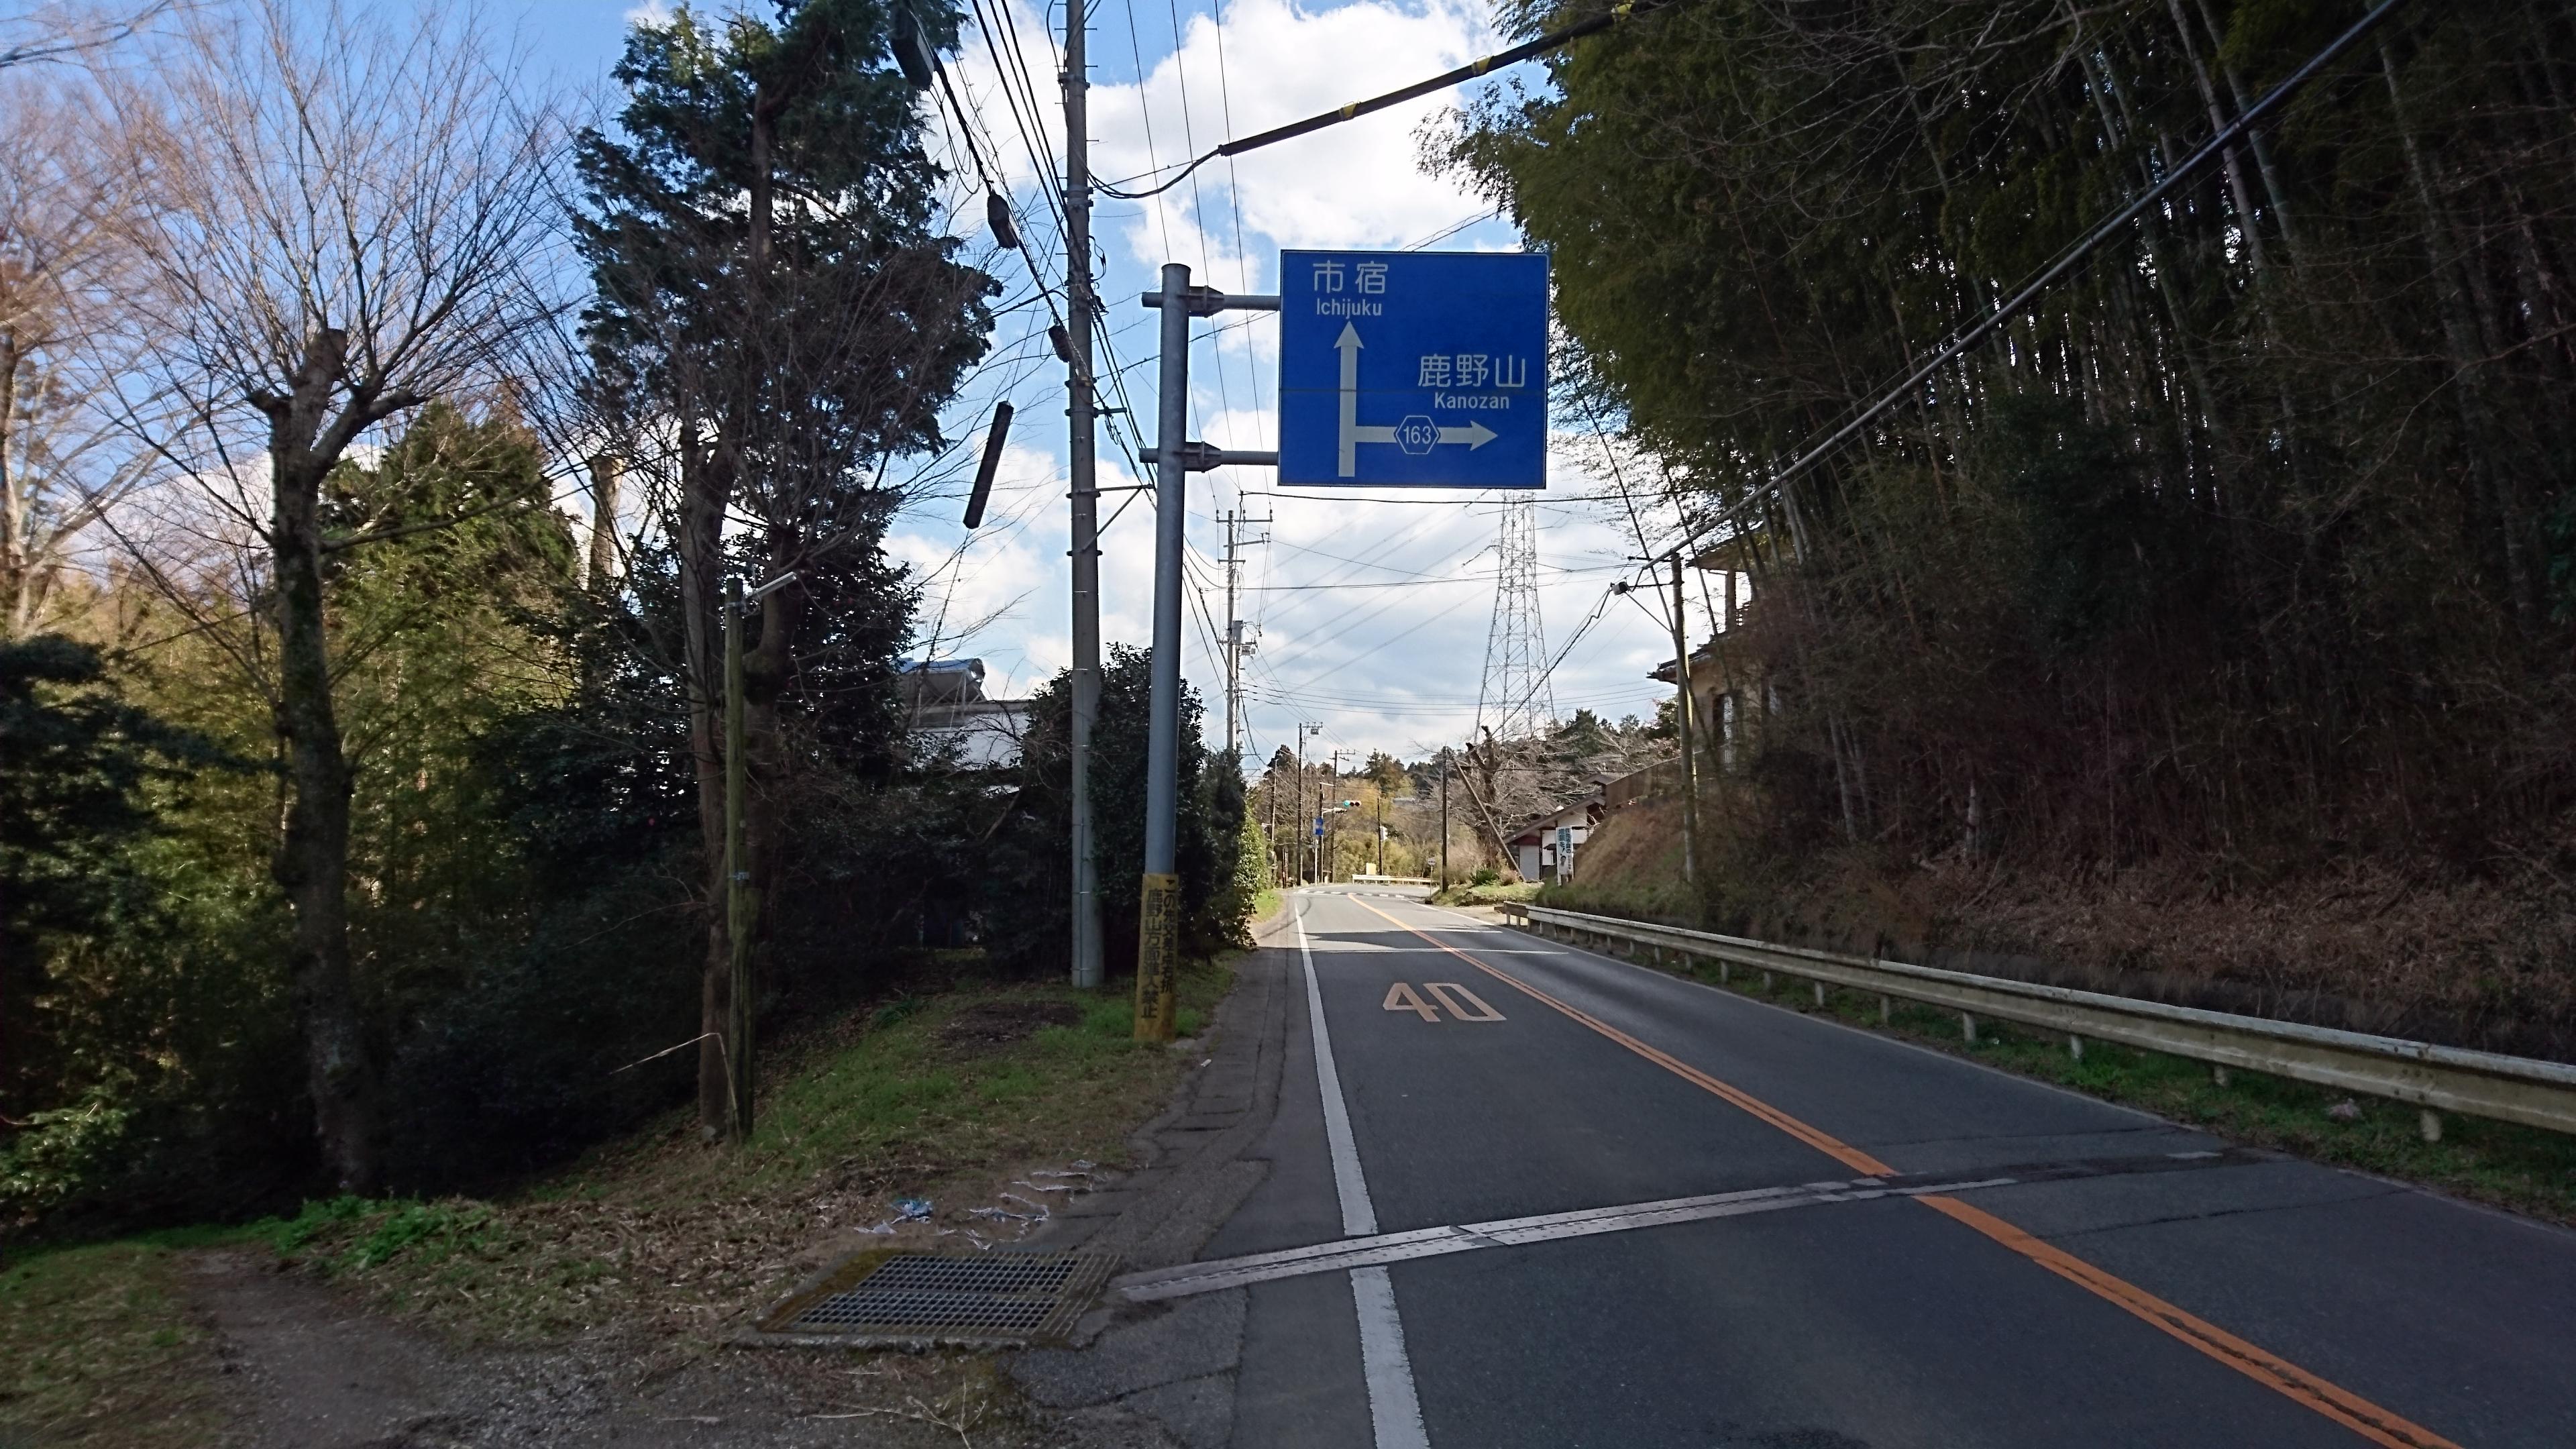 鹿野山福岡口交差点